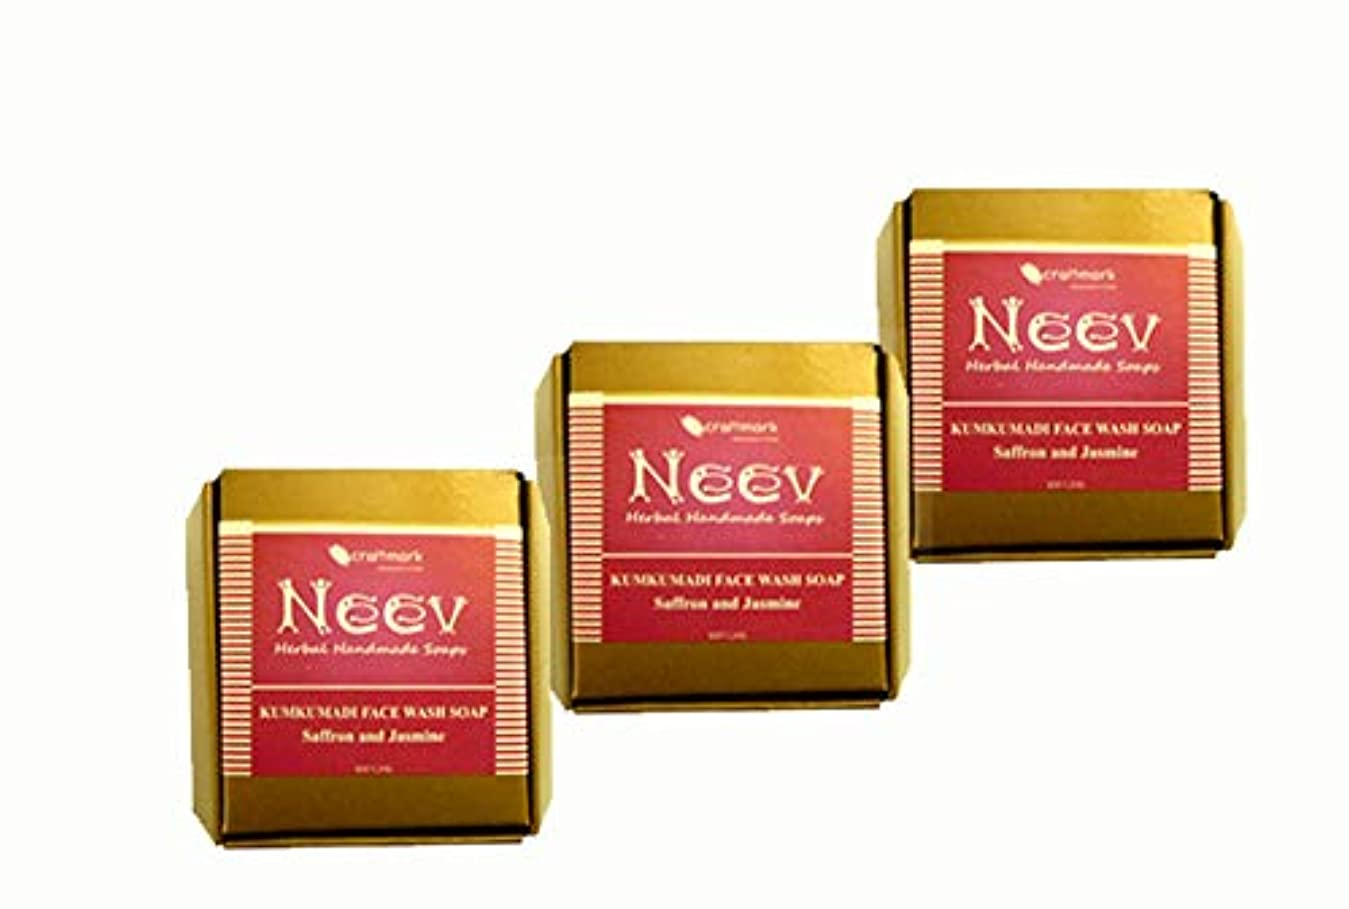 ジャベスウィルソン先史時代の脱獄手作り ニーブ クンクマディ フェイス ウォシュ ソープ 3セット AYURVEDA NEEV Herbal KUMKUMADI FACE WASH SOAP Saffron AND Jasmin